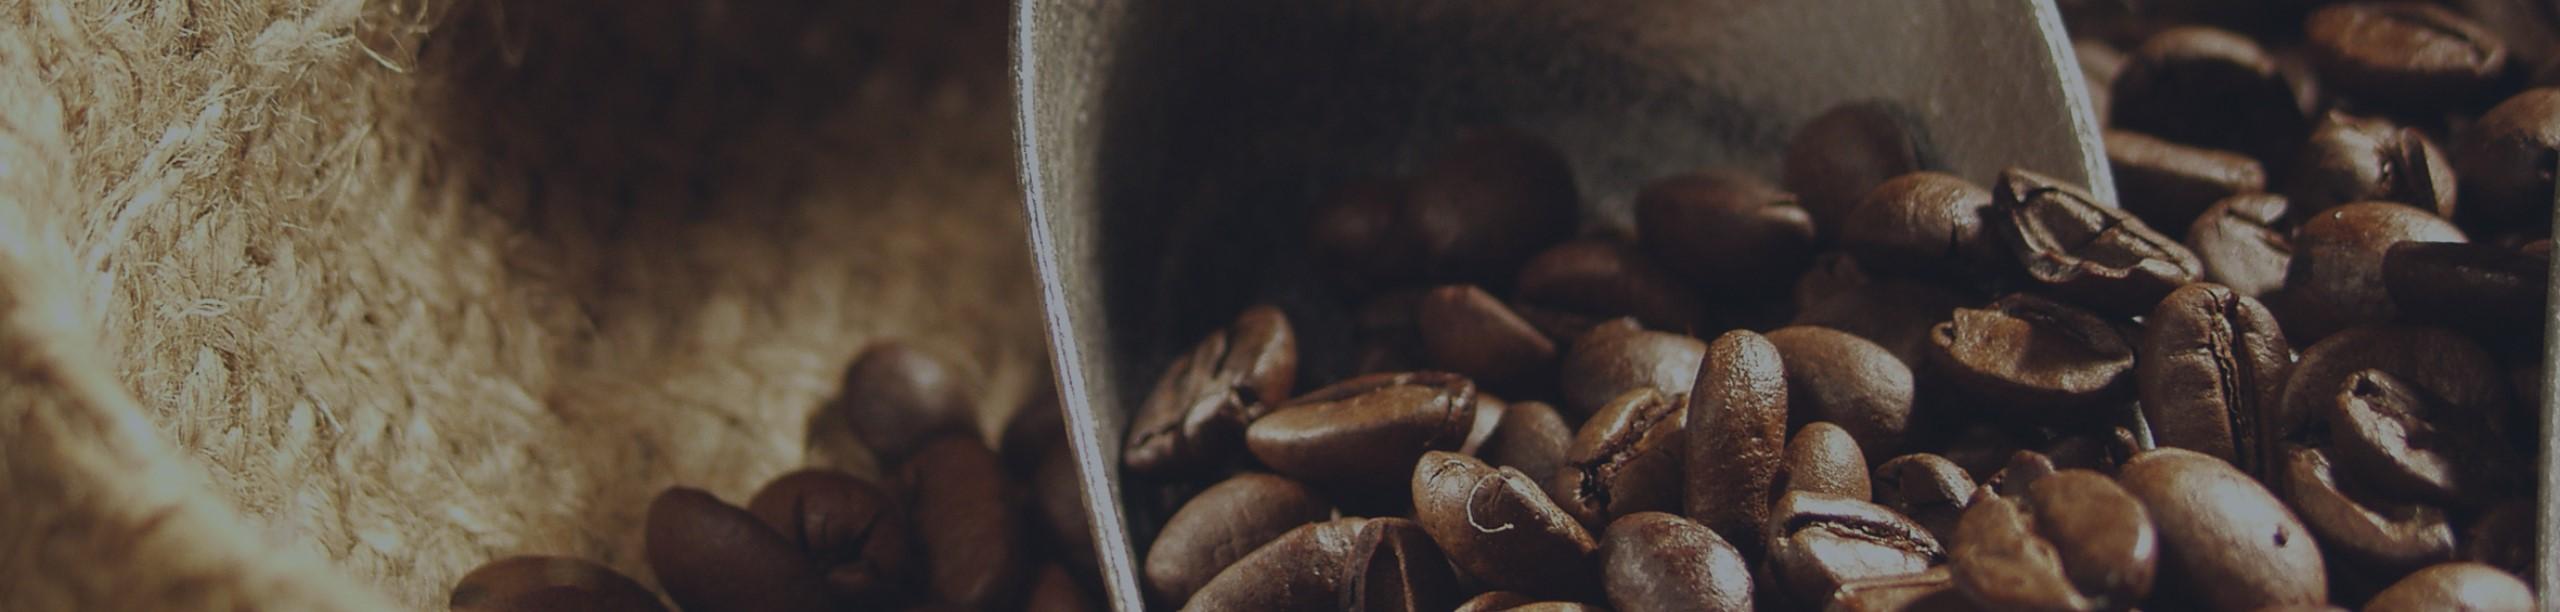 Coffee1-8